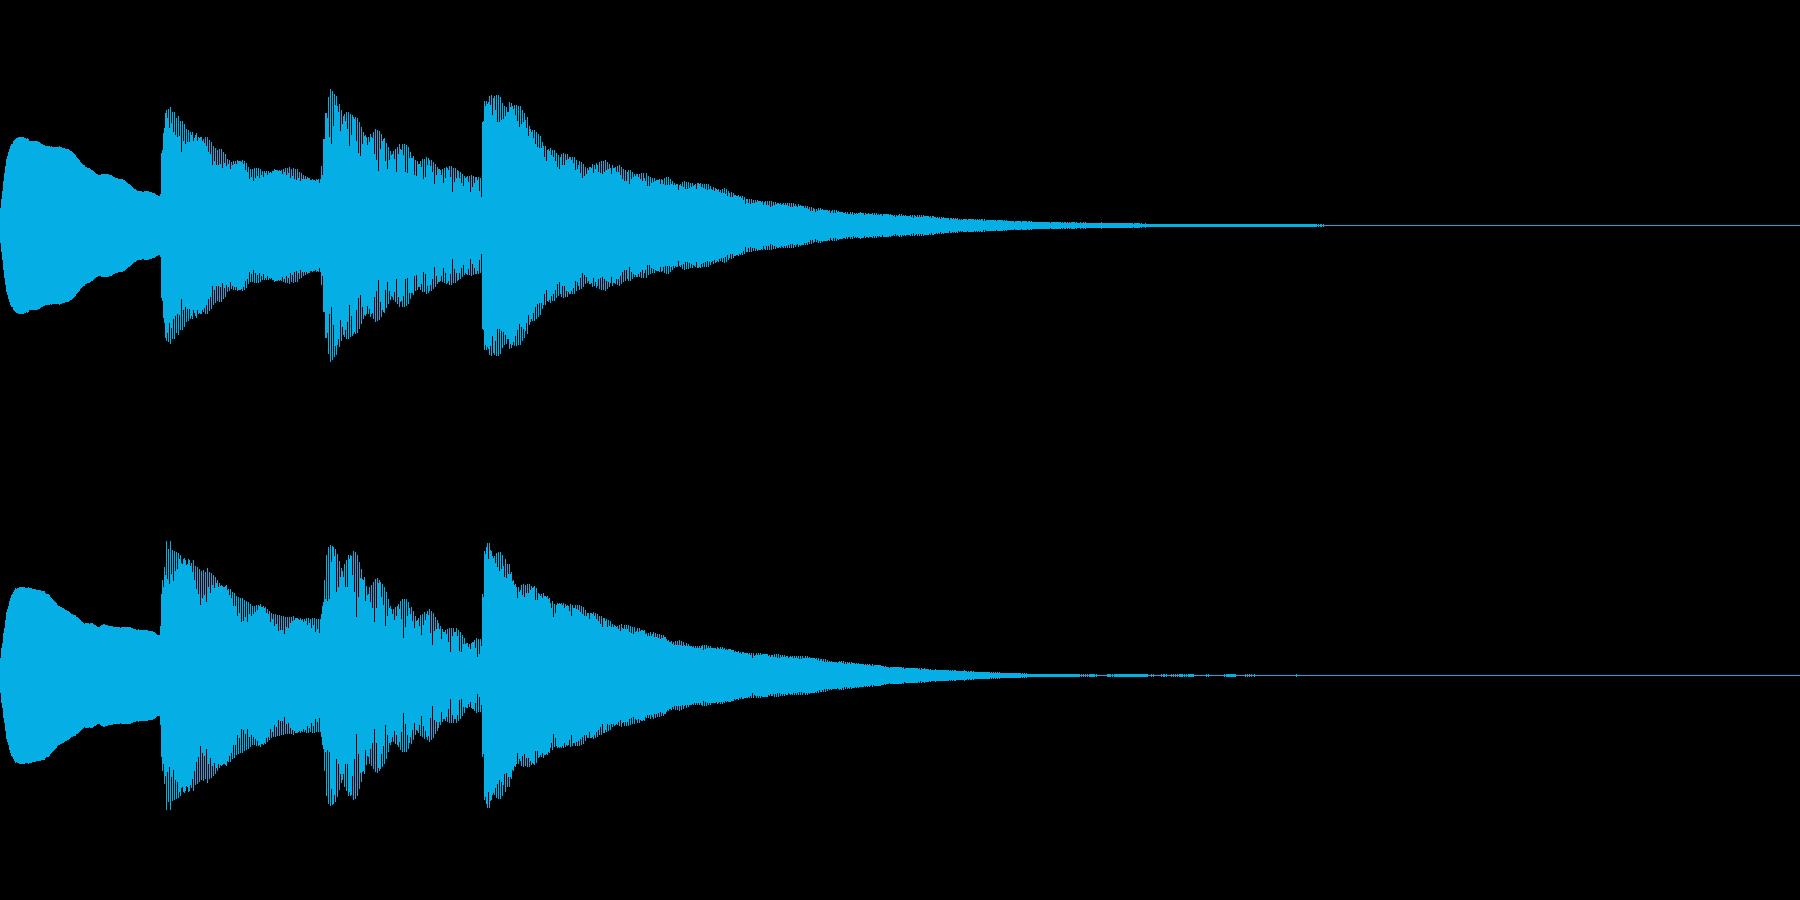 お知らせ・アナウンス音B上昇(普通)04の再生済みの波形